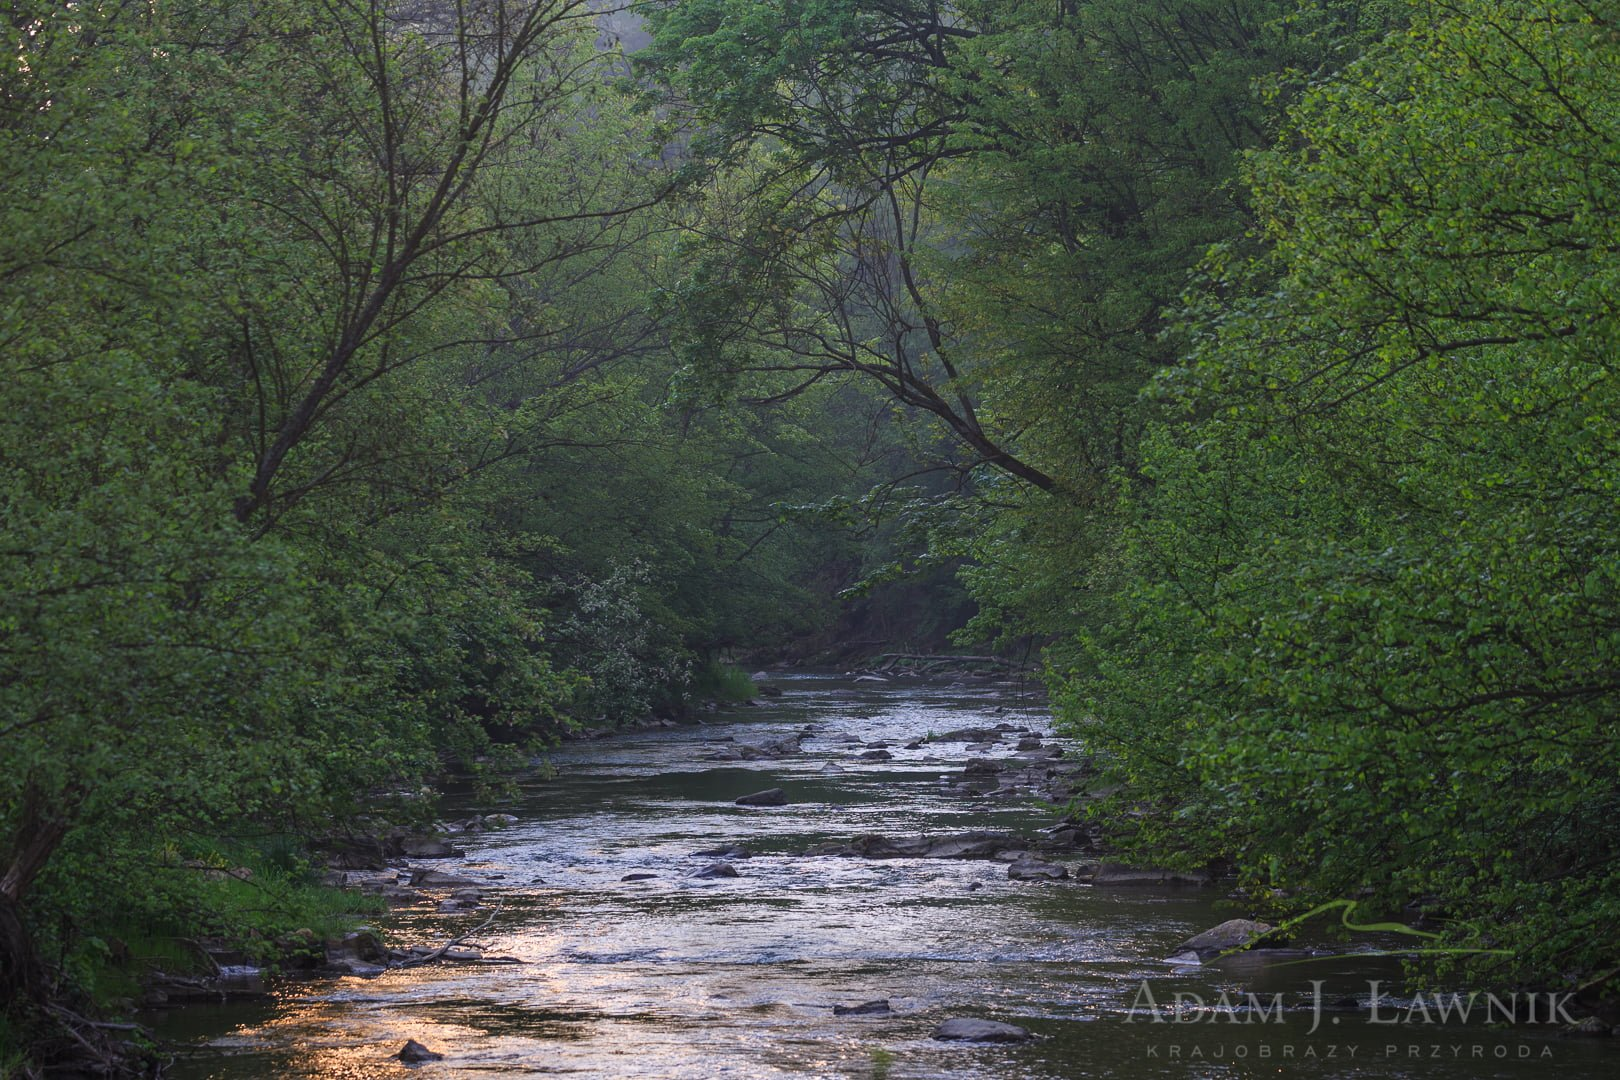 Rzeka Wiar w Turnickim Parku Narodowym